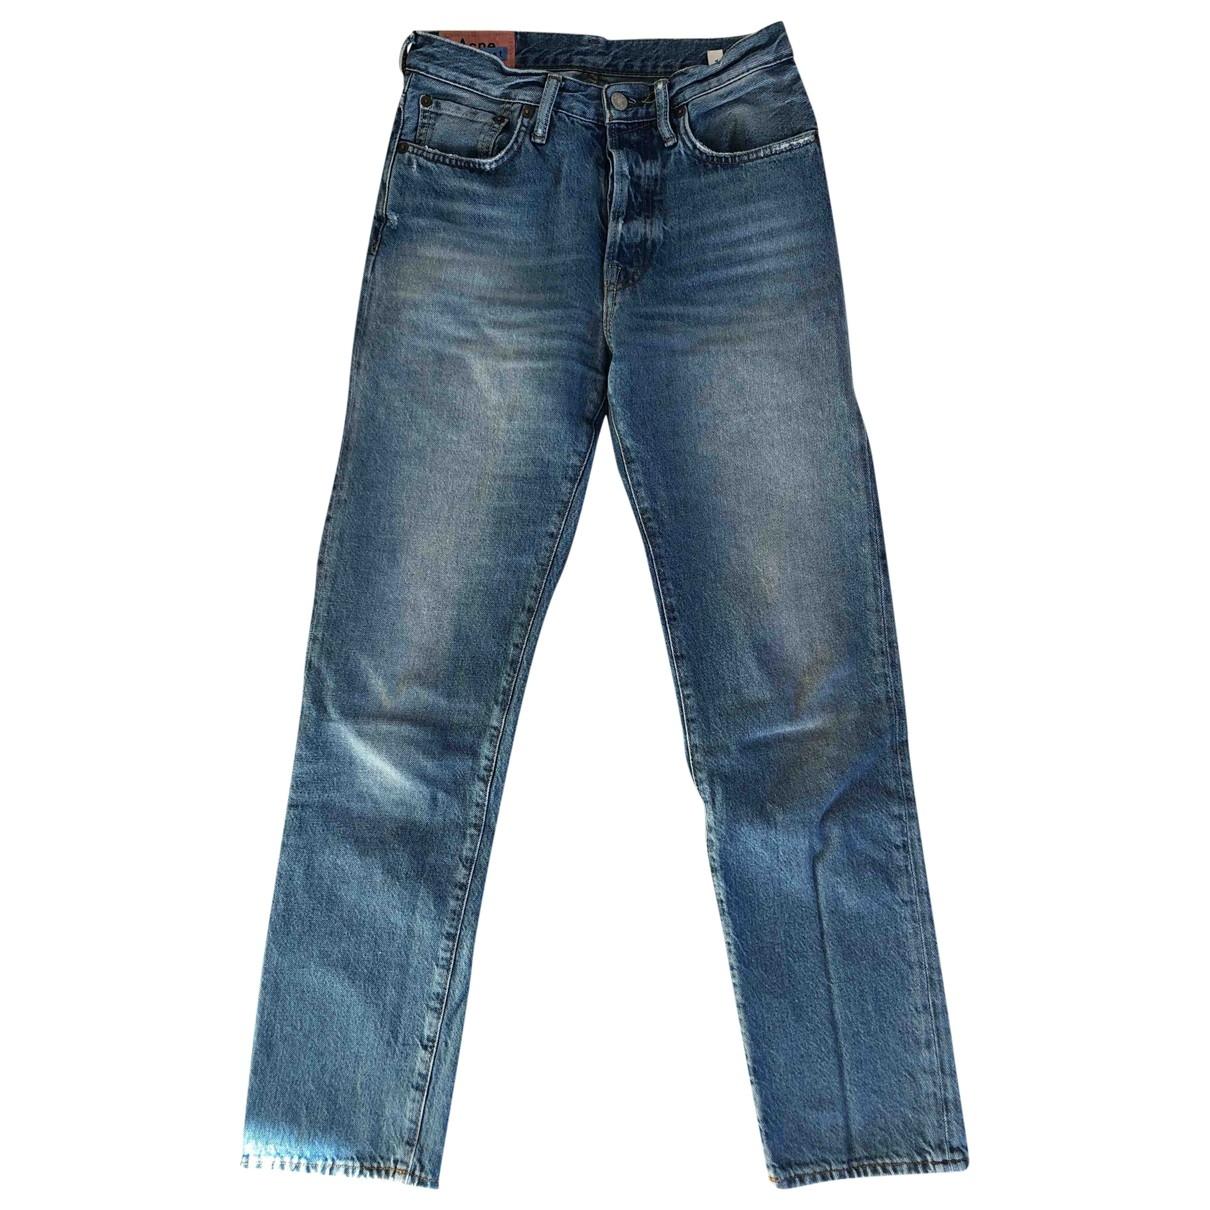 Acne Studios \N Blue Cotton Jeans for Women 34 FR